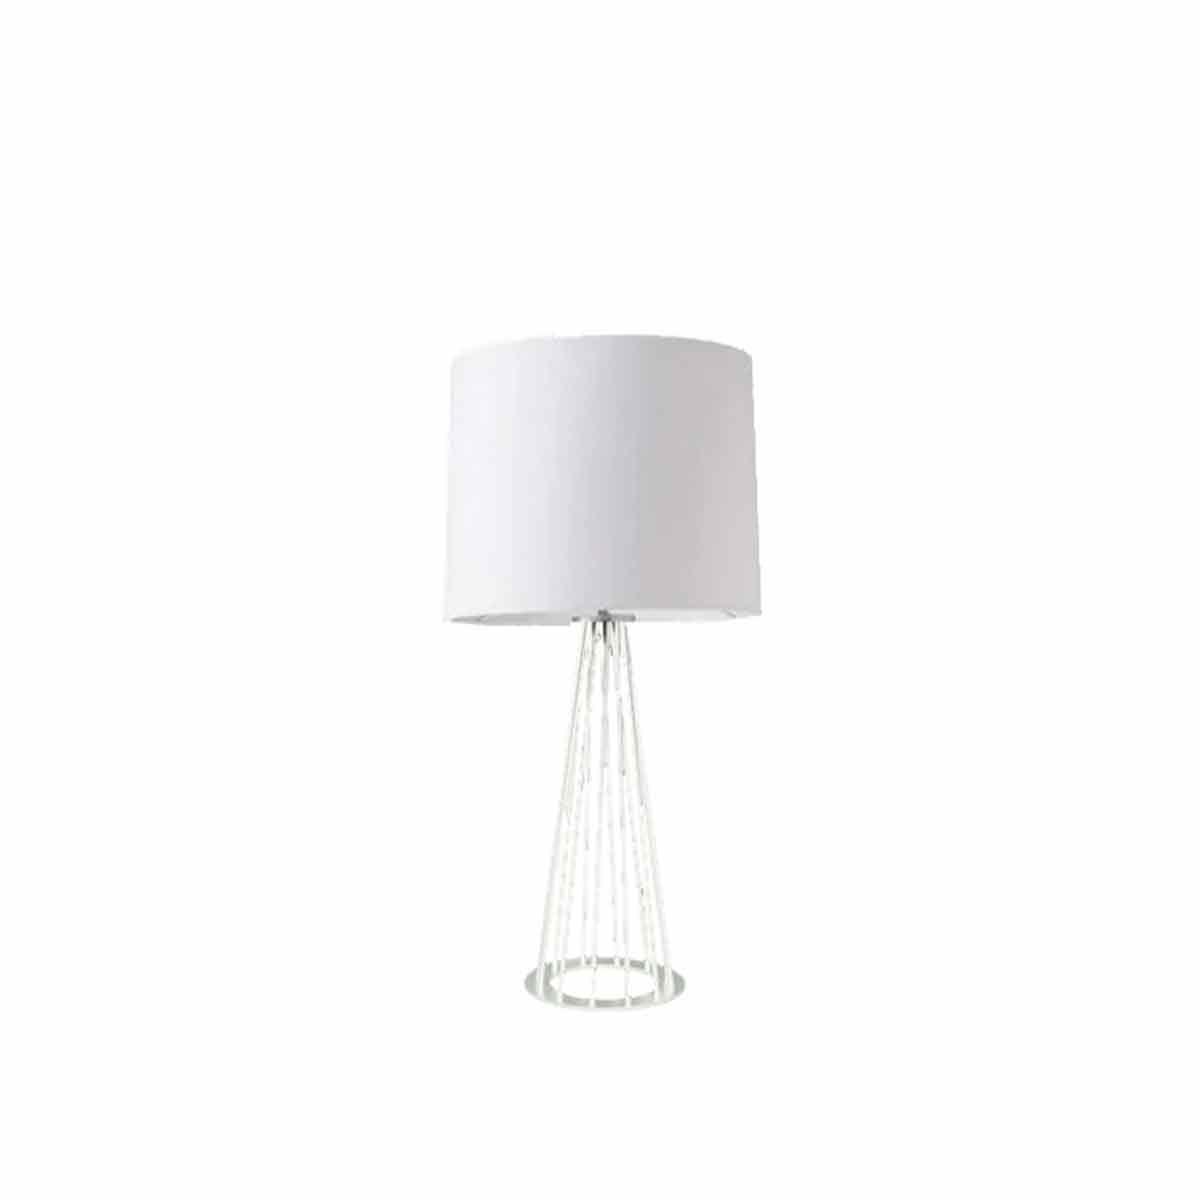 Stona lampa SA-072A